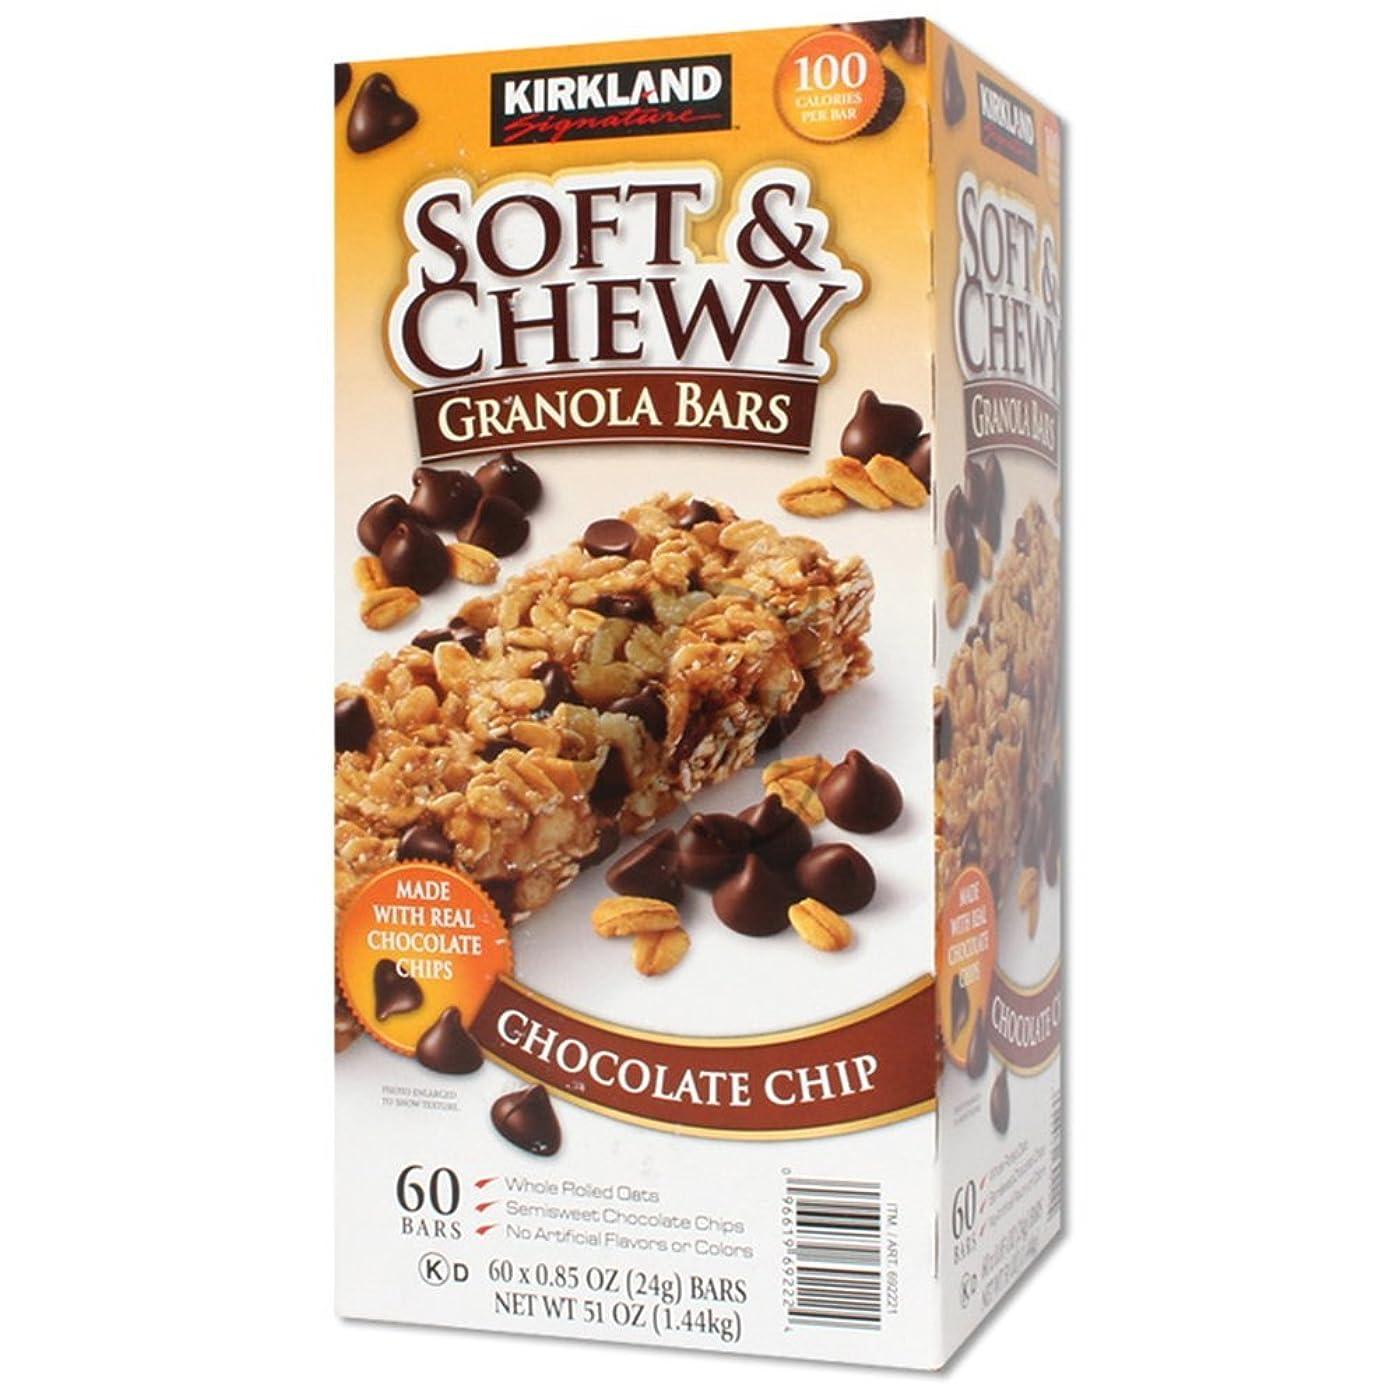 気がついて好きモニカ【カークランド/ KIRKLAND】Soft&Chewy GRANOLA Bar Chocolate Chipソフト?アンド?チューイグラノーラバー1.44kg穀物バー/シリアル/栄養のバー[健康&ダイエット製品](海外直送品)